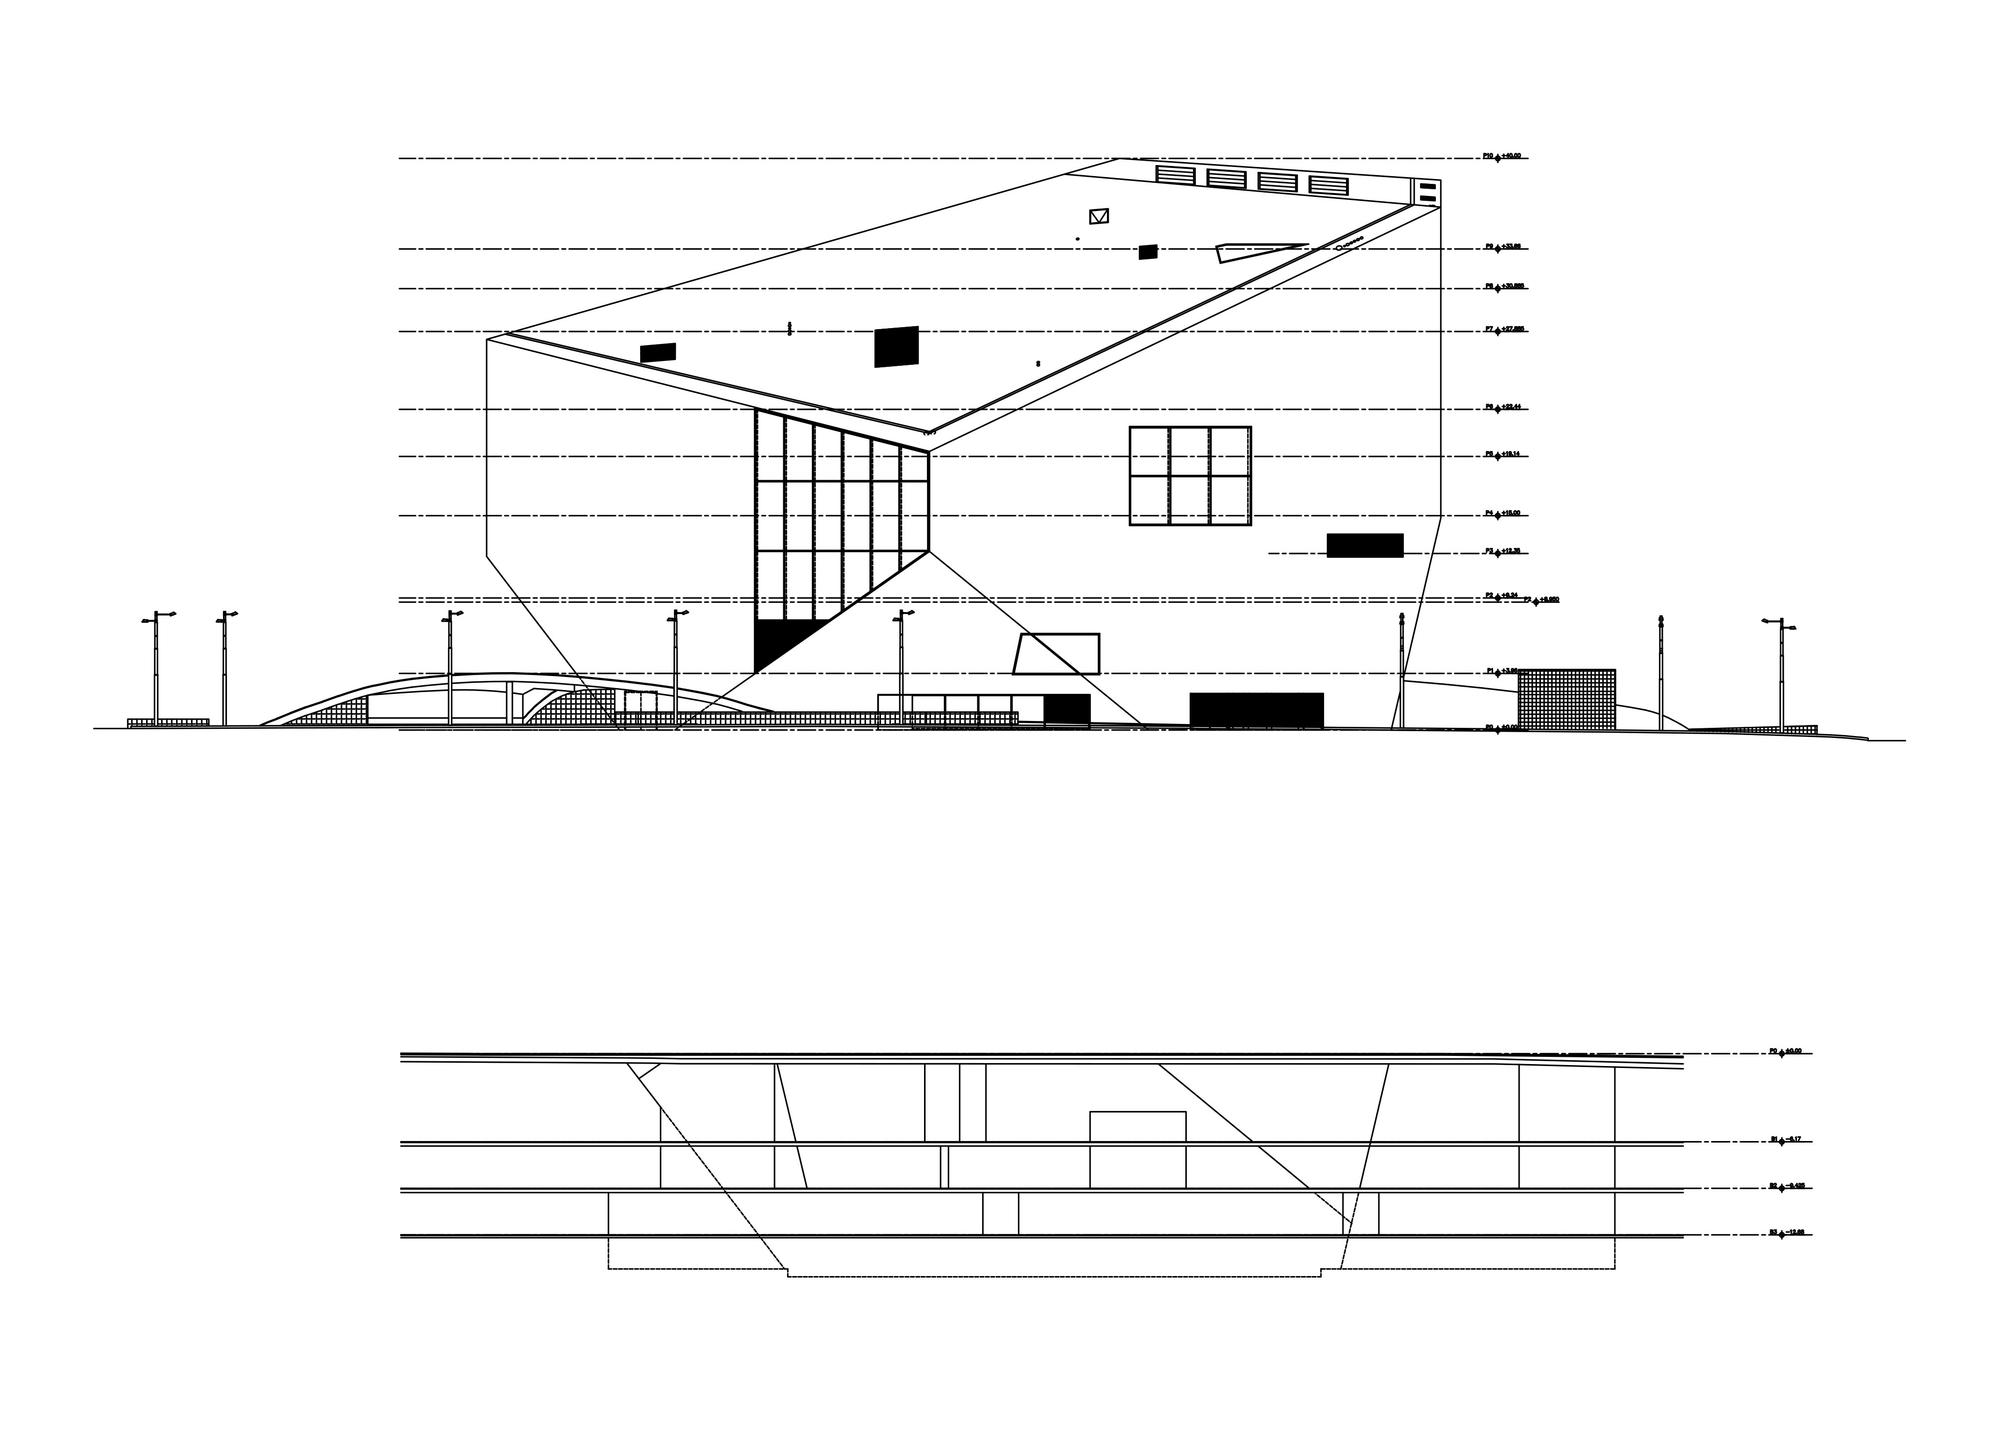 Casa da Musica / OMA (6)